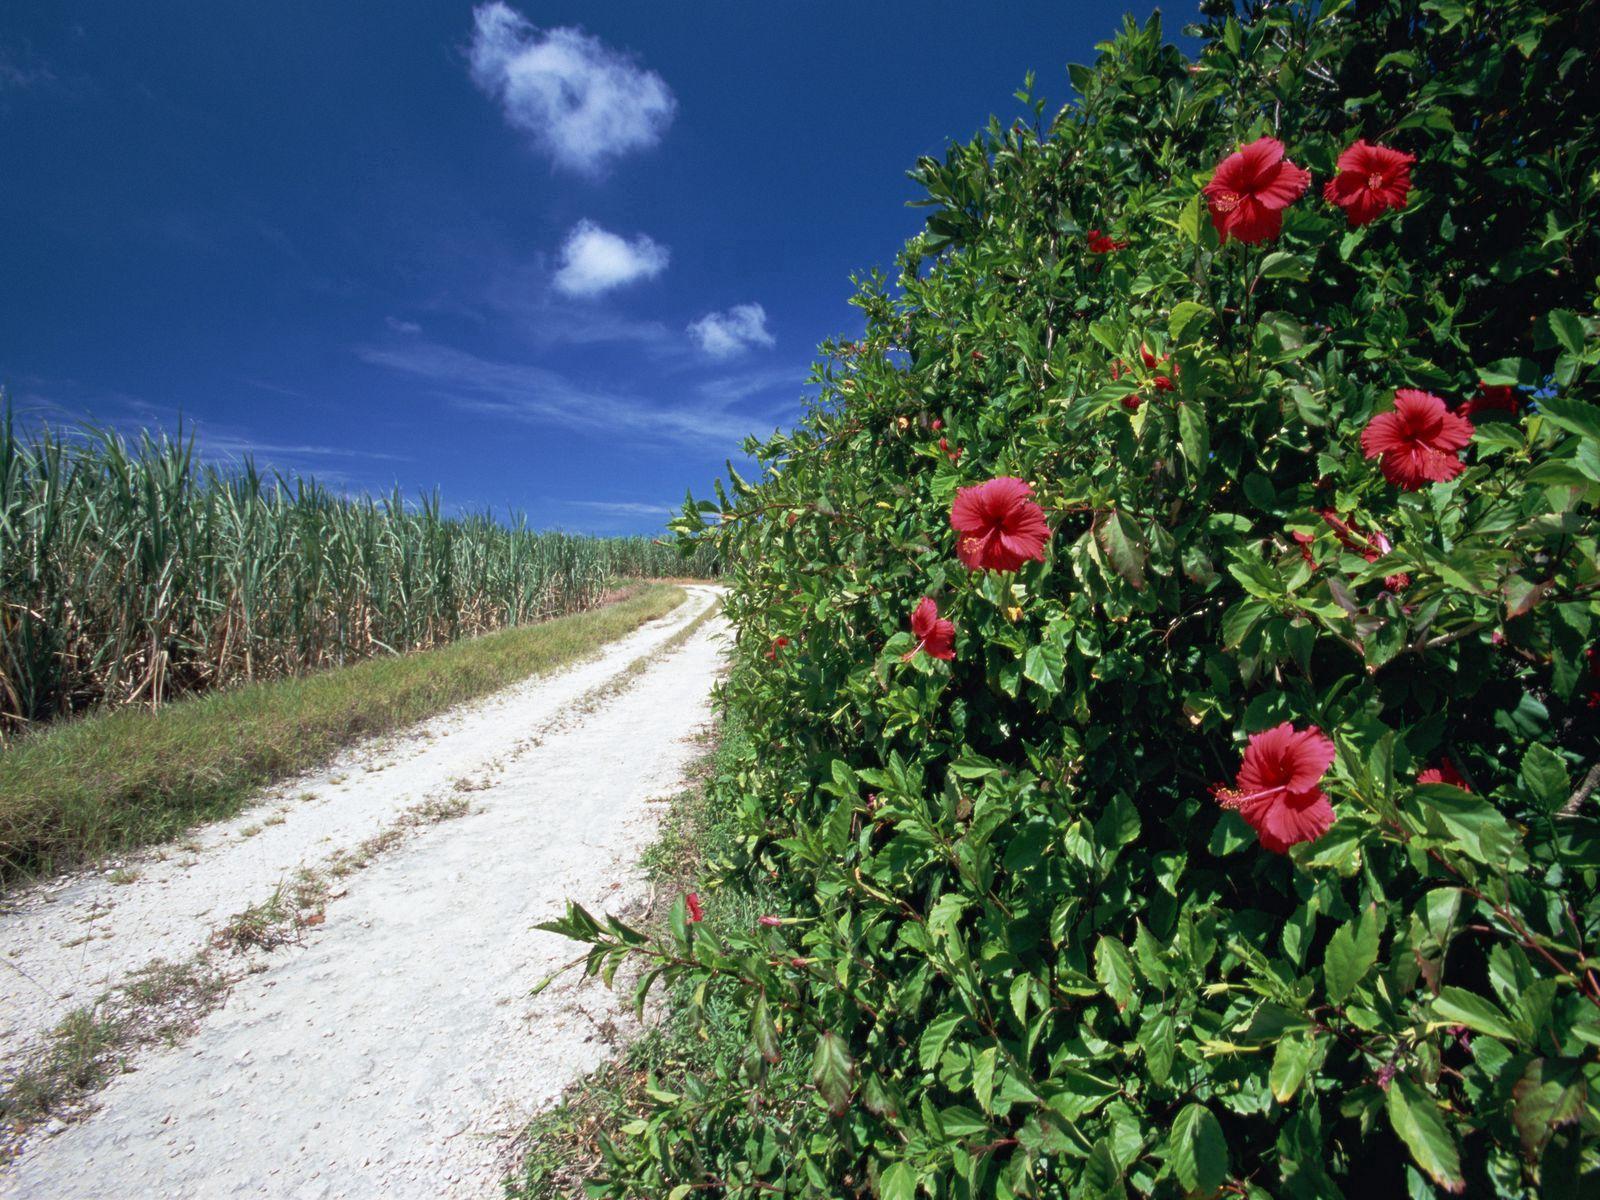 140296 скачать обои Природа, Дорога, Поле, Трава, Шиповник, Цветы - заставки и картинки бесплатно